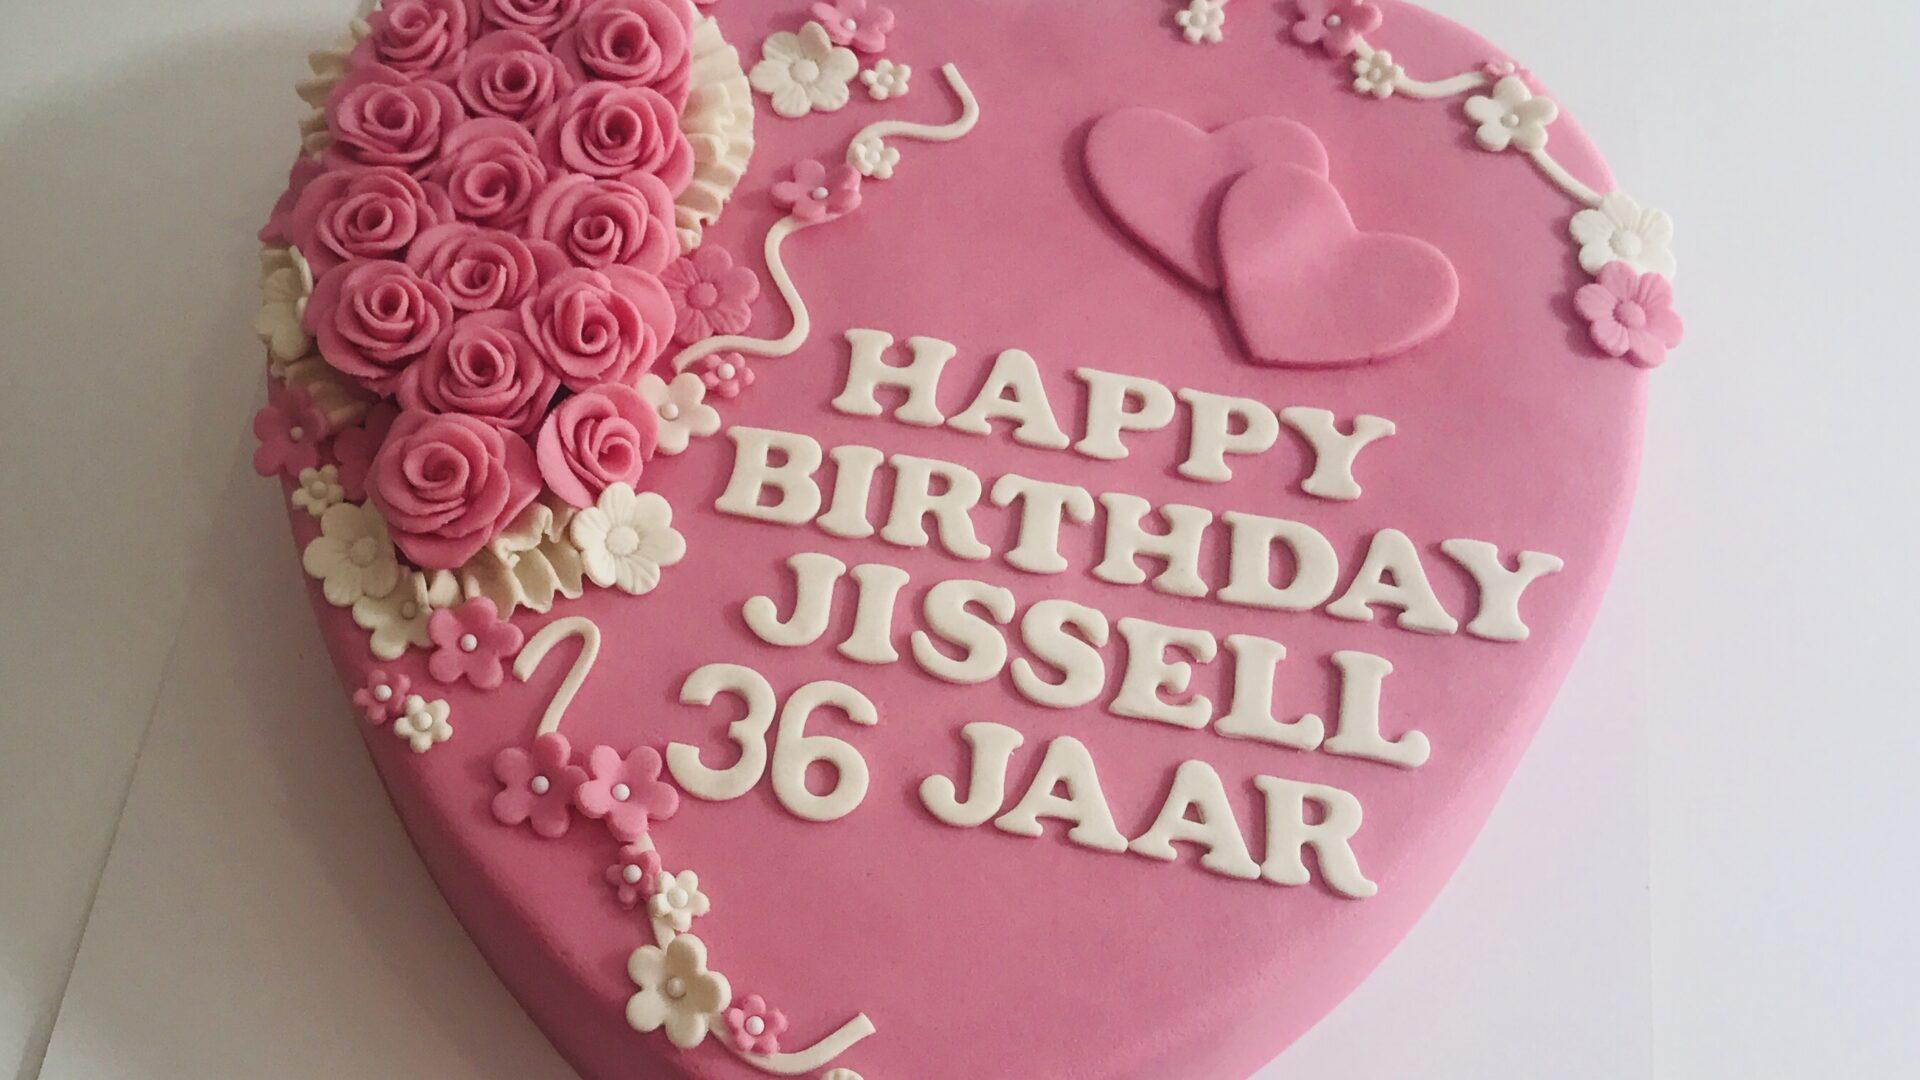 Hart rozen taart JISSELL